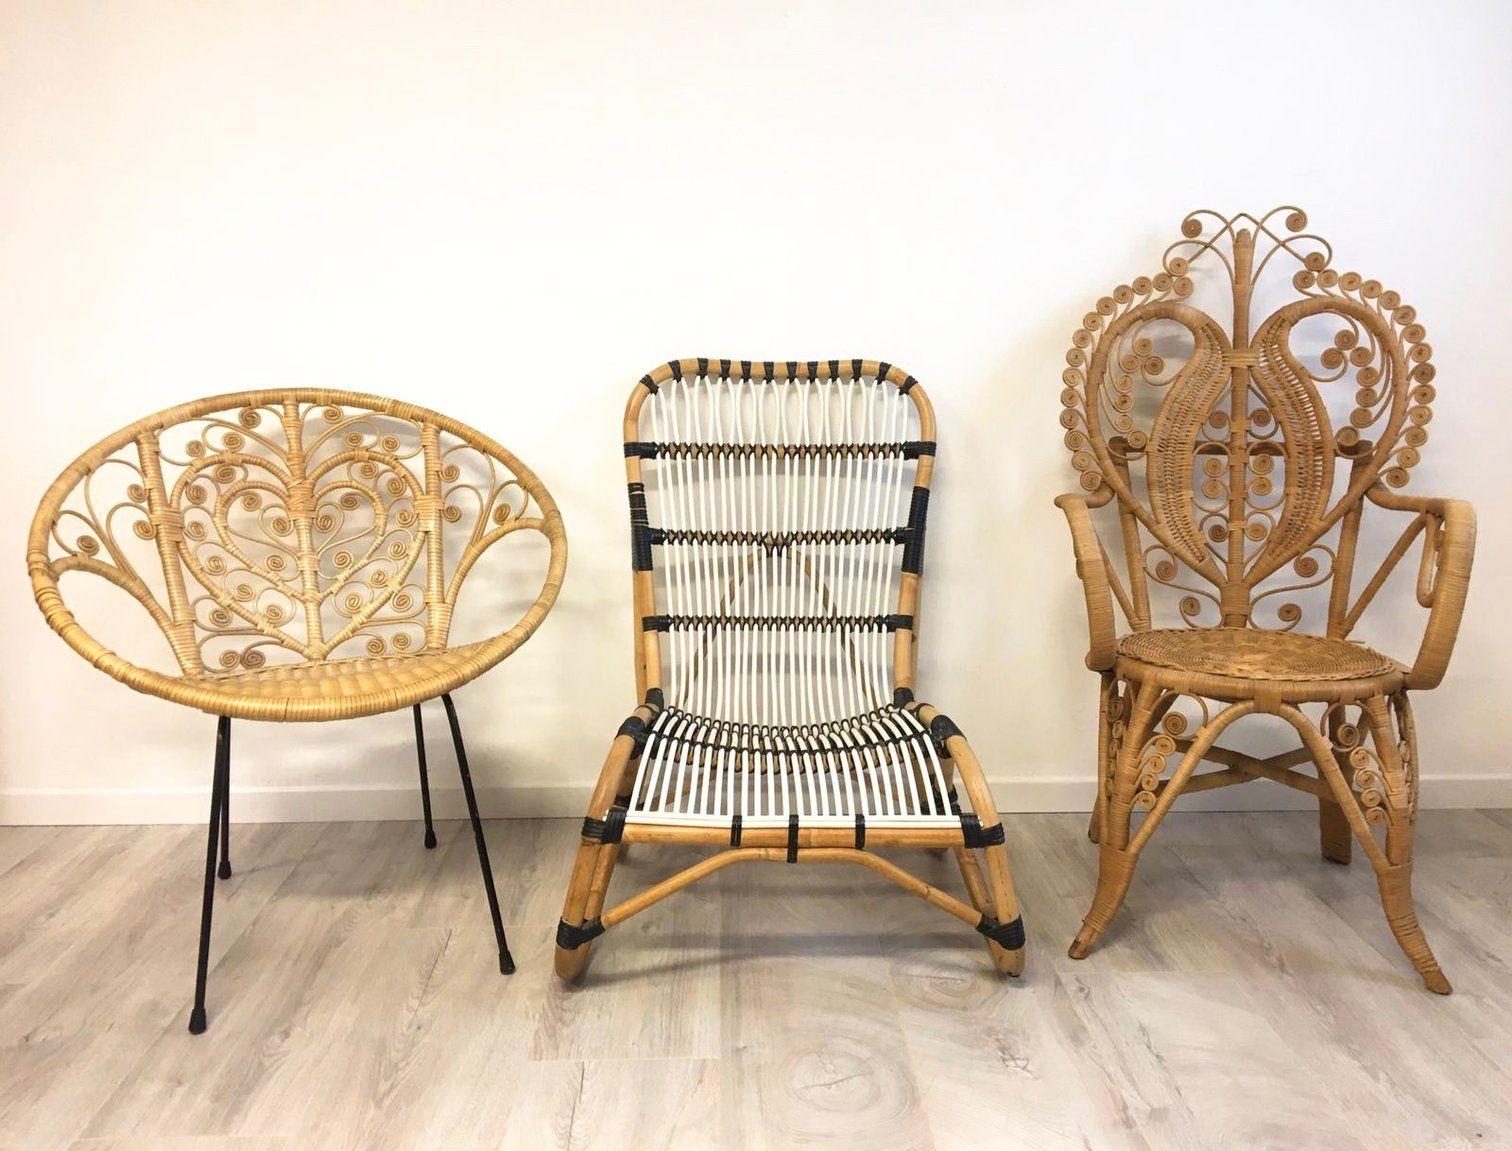 La Petite Brocante French Vintage Antique Furniture And Homeware Mobilier De Salon Decoration Salon Appartement Fauteuil Rotin